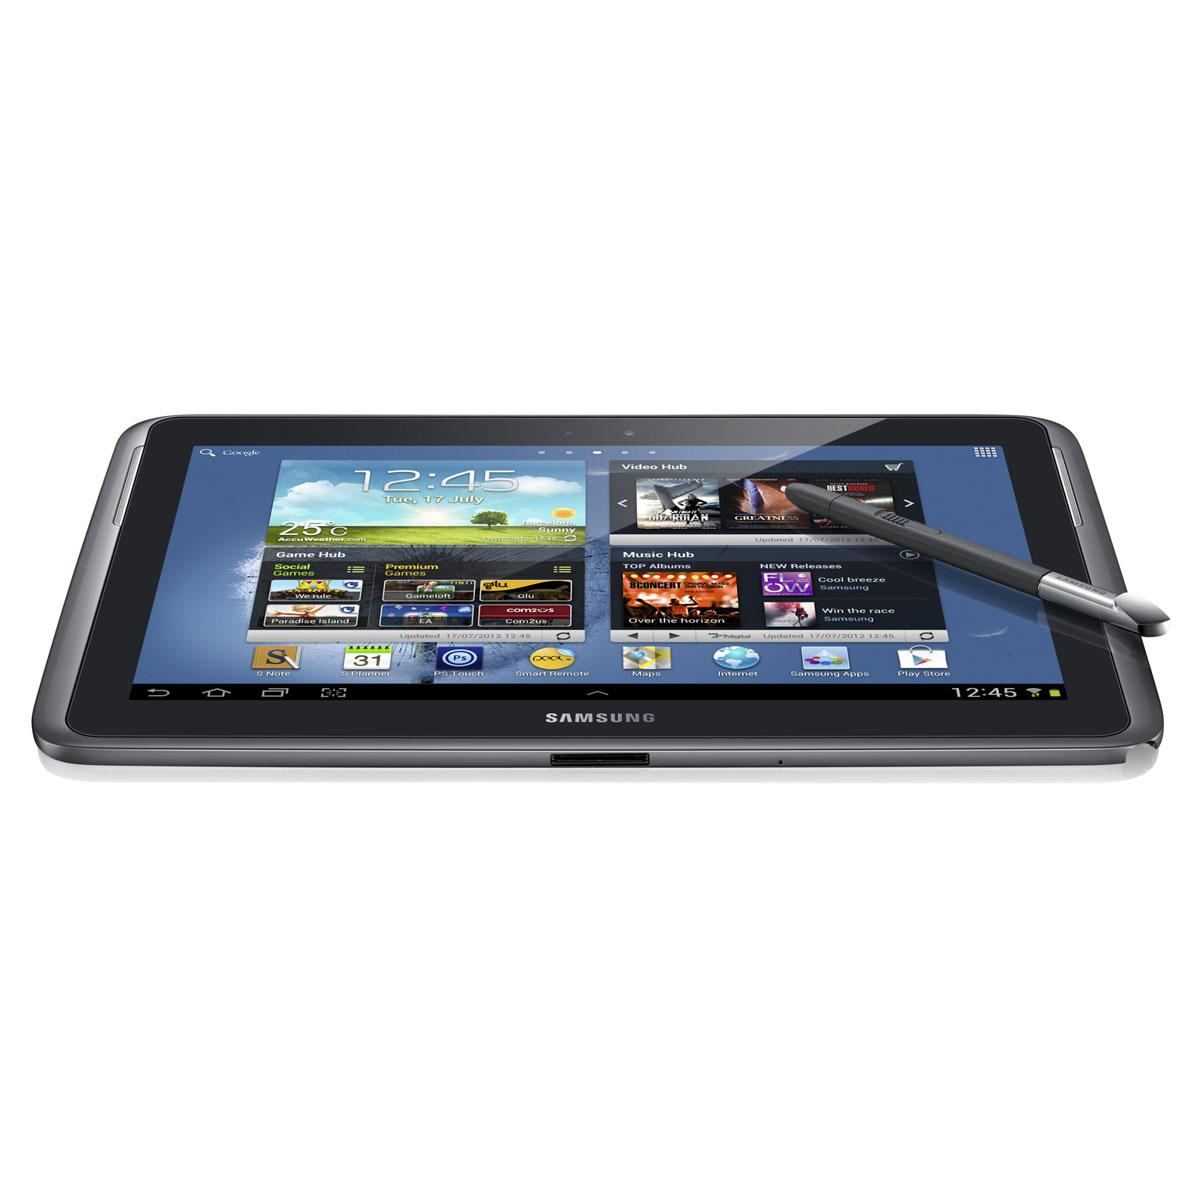 samsung galaxy note 10 1 gt n8000 grise 32 go tablette tactile samsung sur. Black Bedroom Furniture Sets. Home Design Ideas